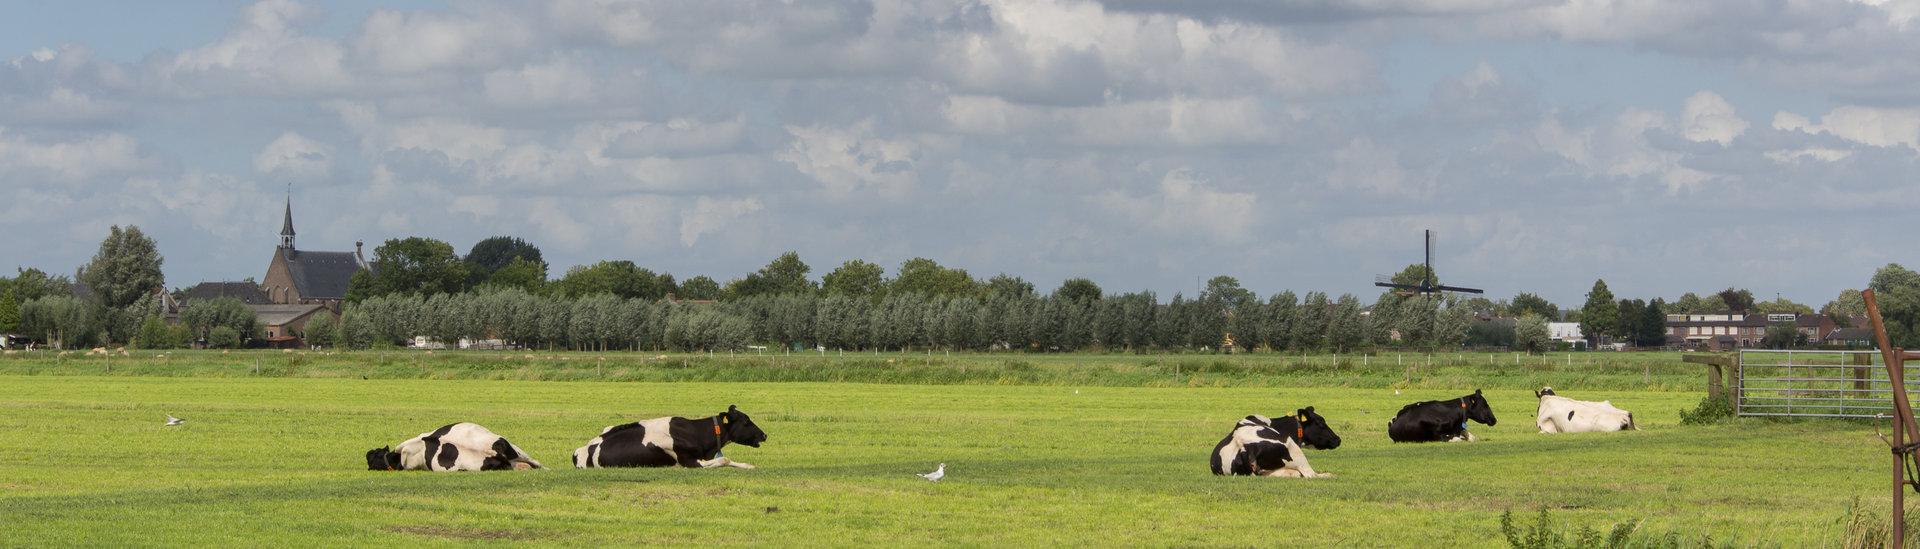 Polder ten zuiden van Molenaarsgraaf